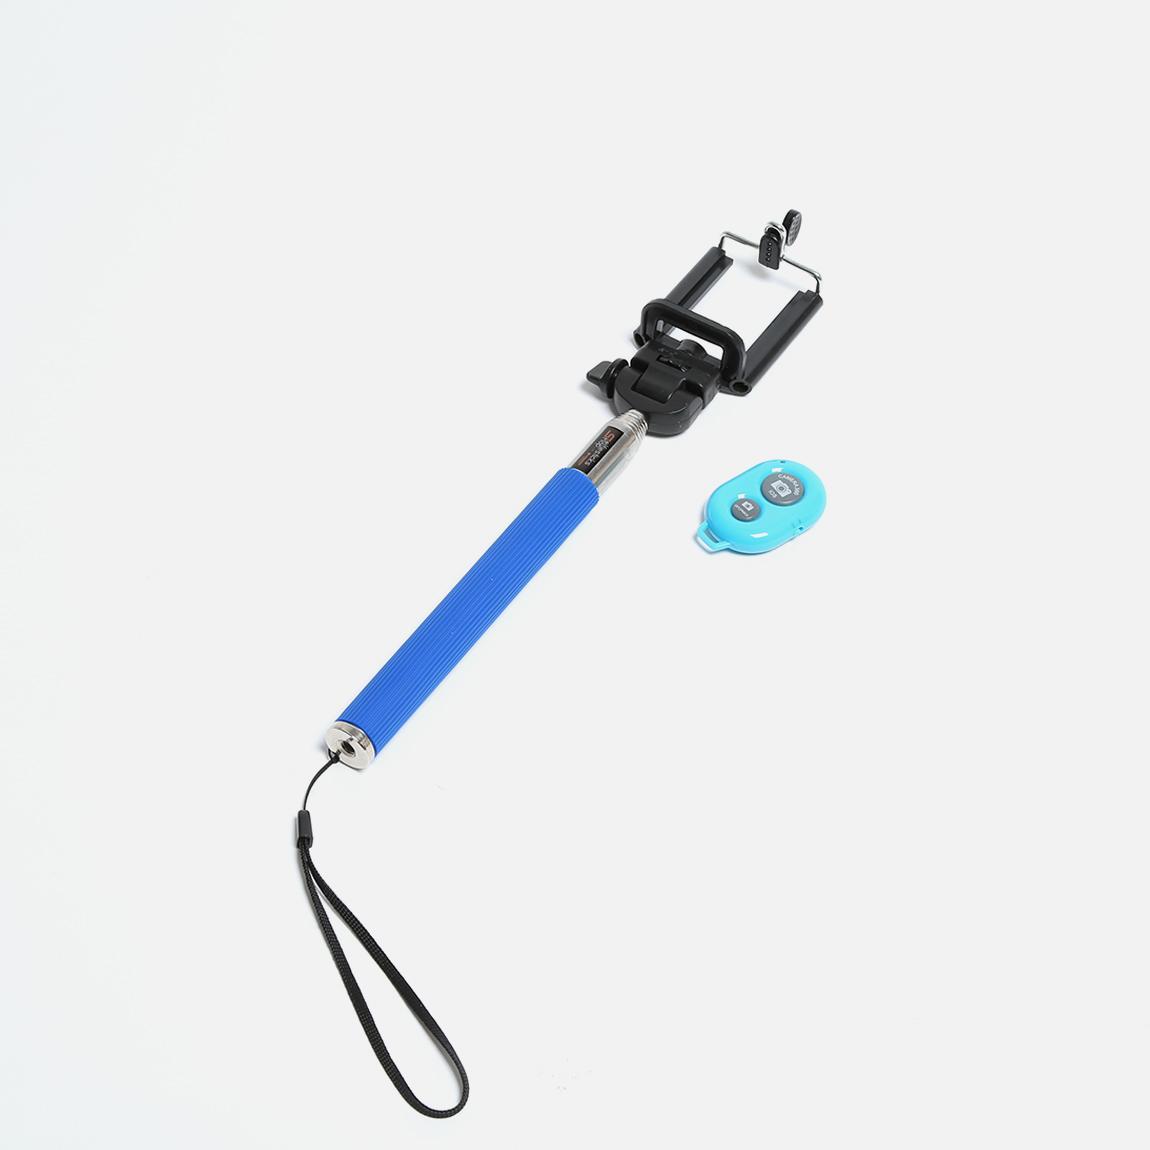 selfie stick blue selfiesticksshop cameras. Black Bedroom Furniture Sets. Home Design Ideas